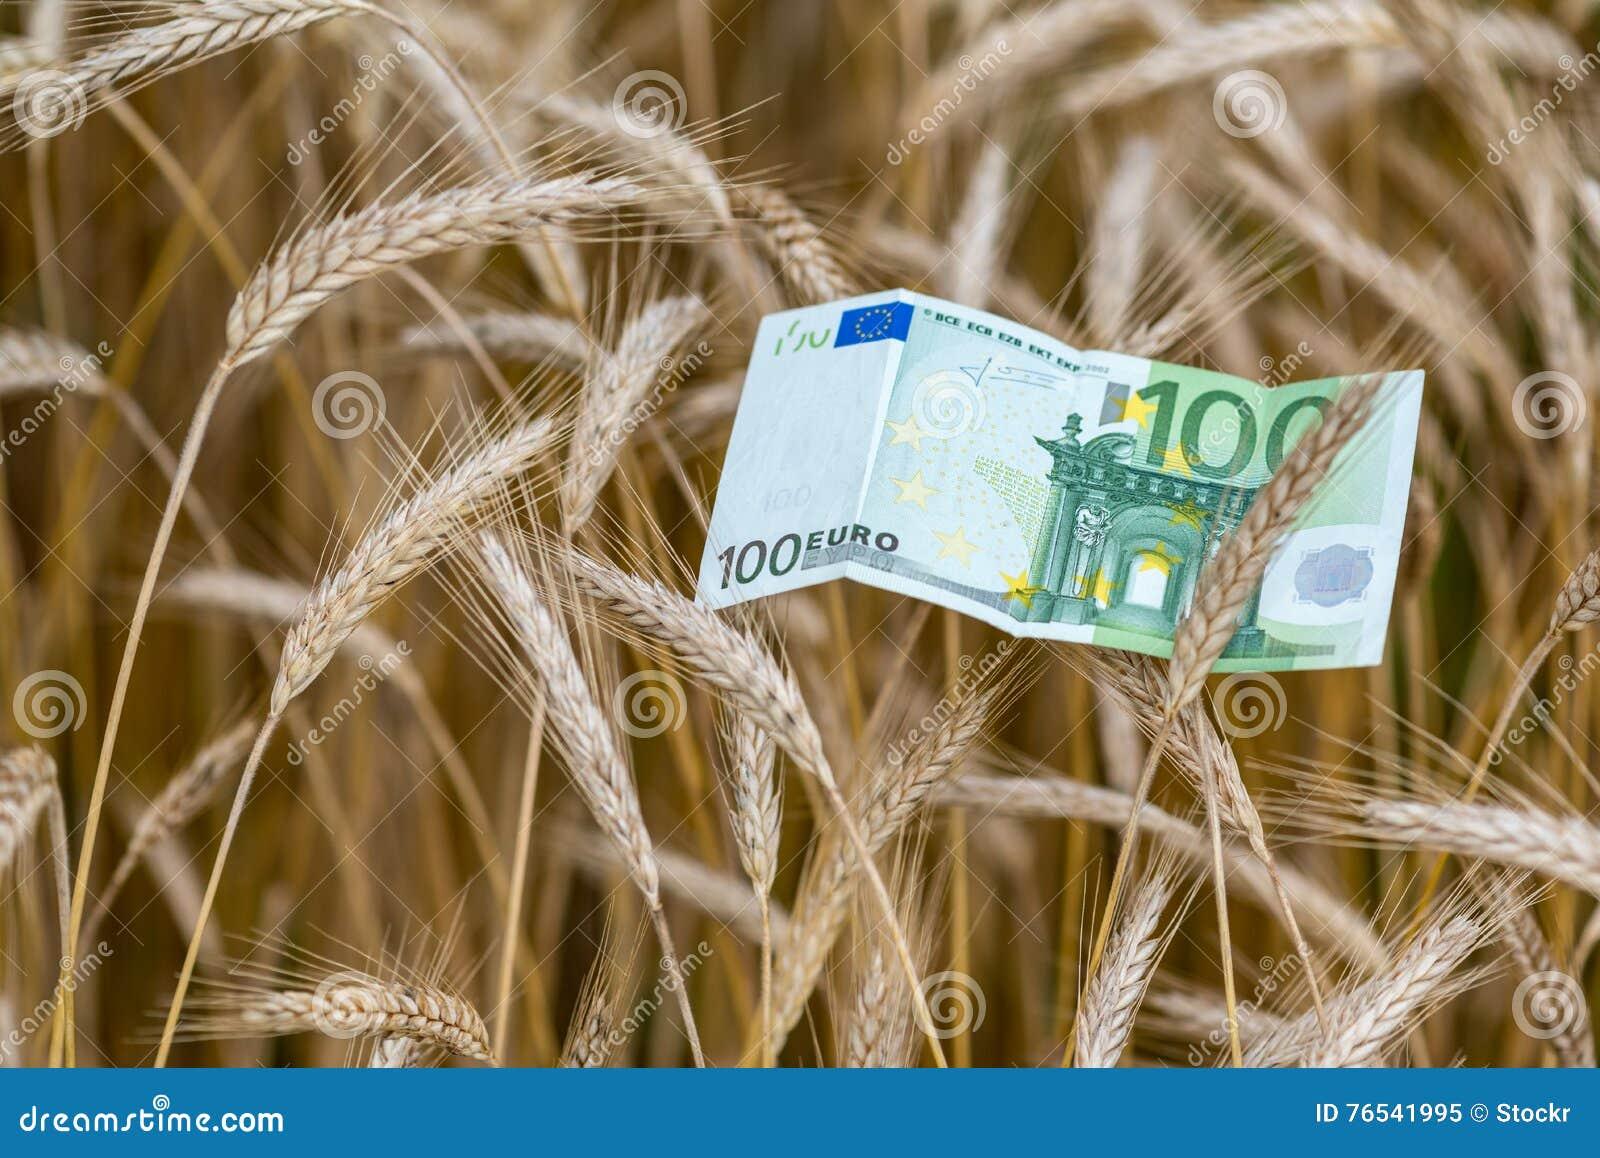 Eurobanknote und Weizen